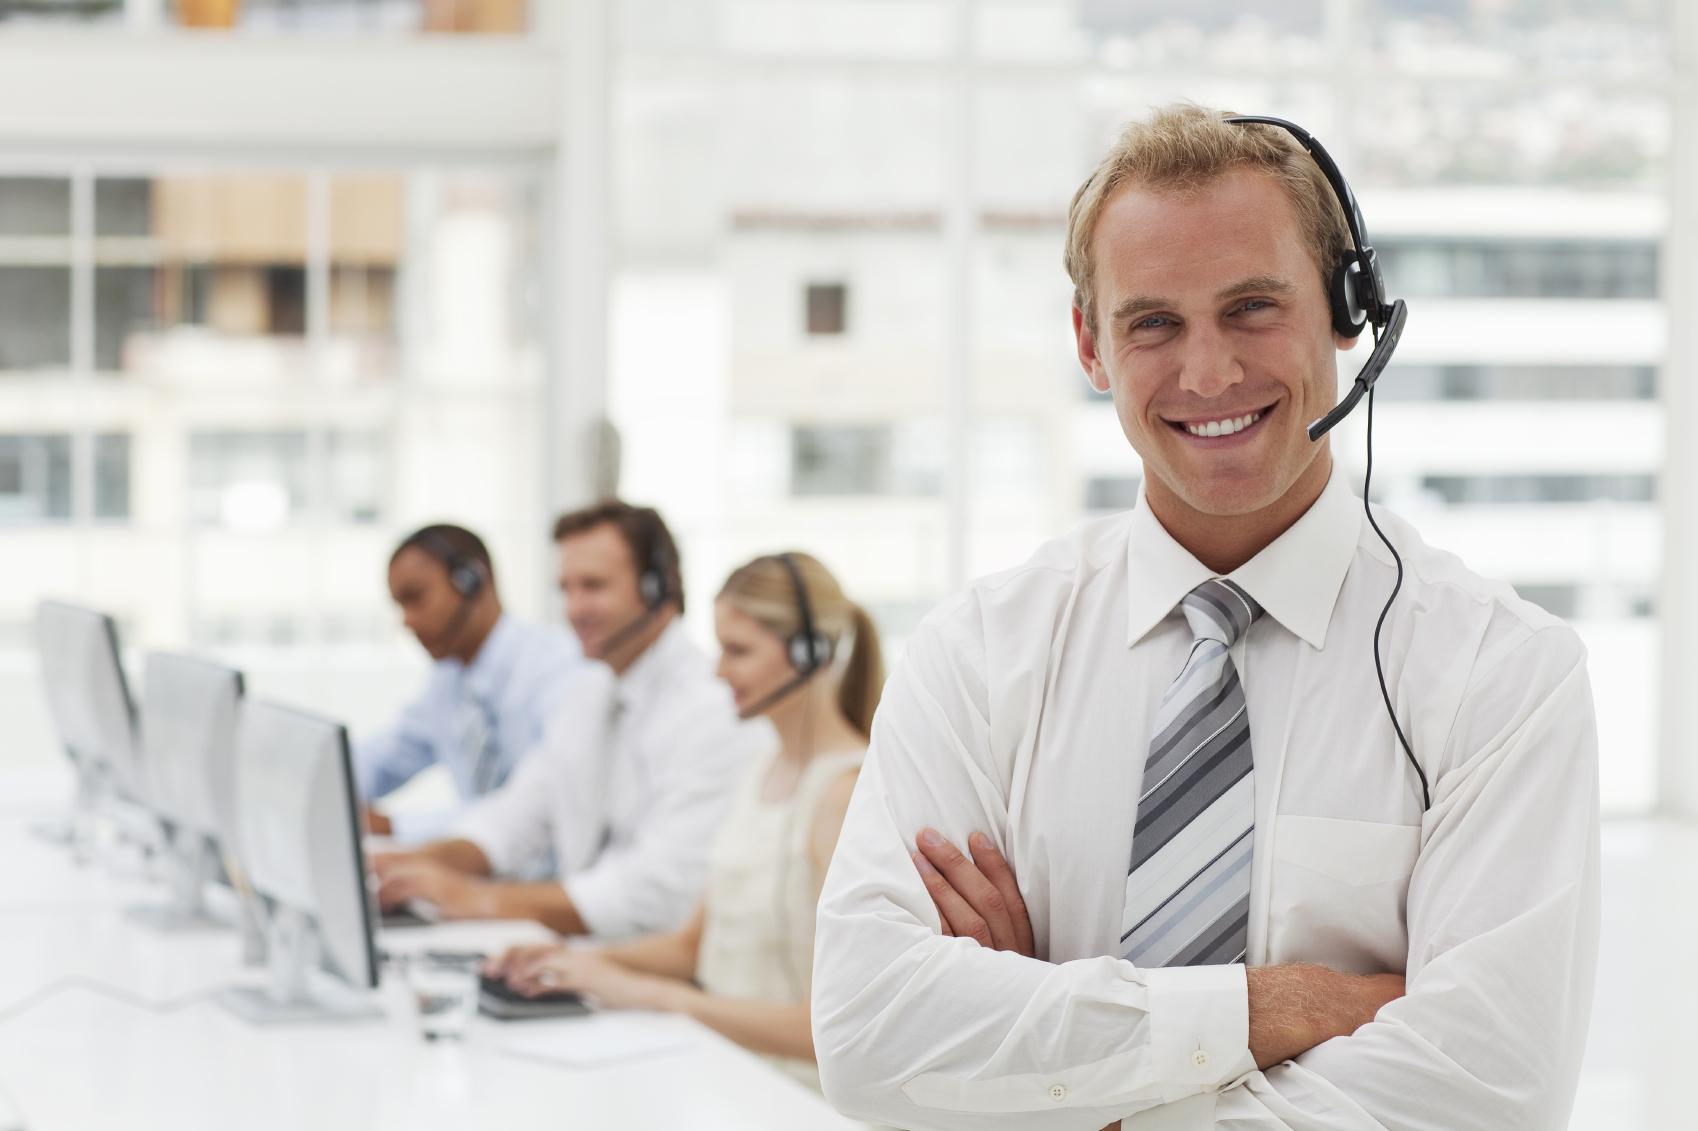 cualidades de un buen supervisor de call center zacson training un supervisor de call center excepcional va maacutes allaacute de las meacutetricas diarias y los problemas de recursos humanos se nutre de la creatividad a la hora de